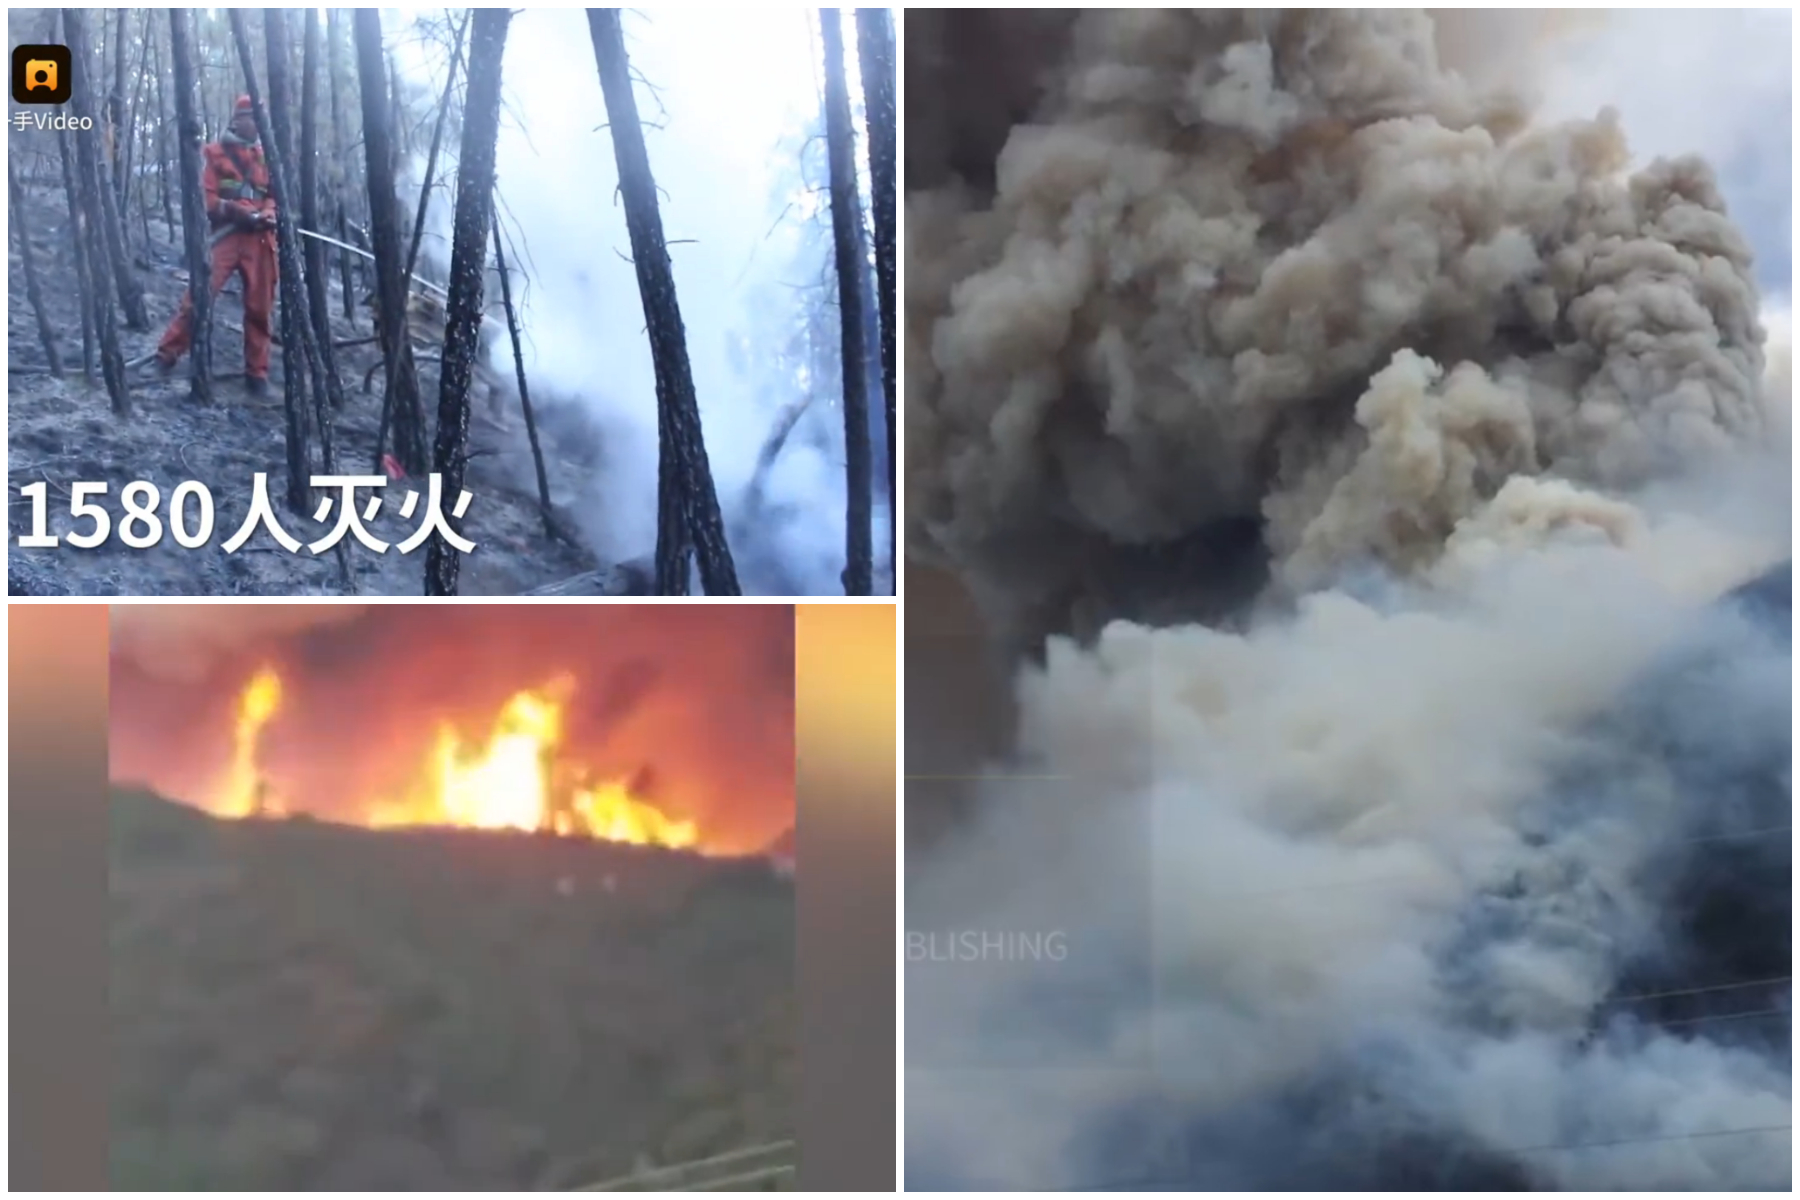 四川雅江發生森林火災 屬人為失火